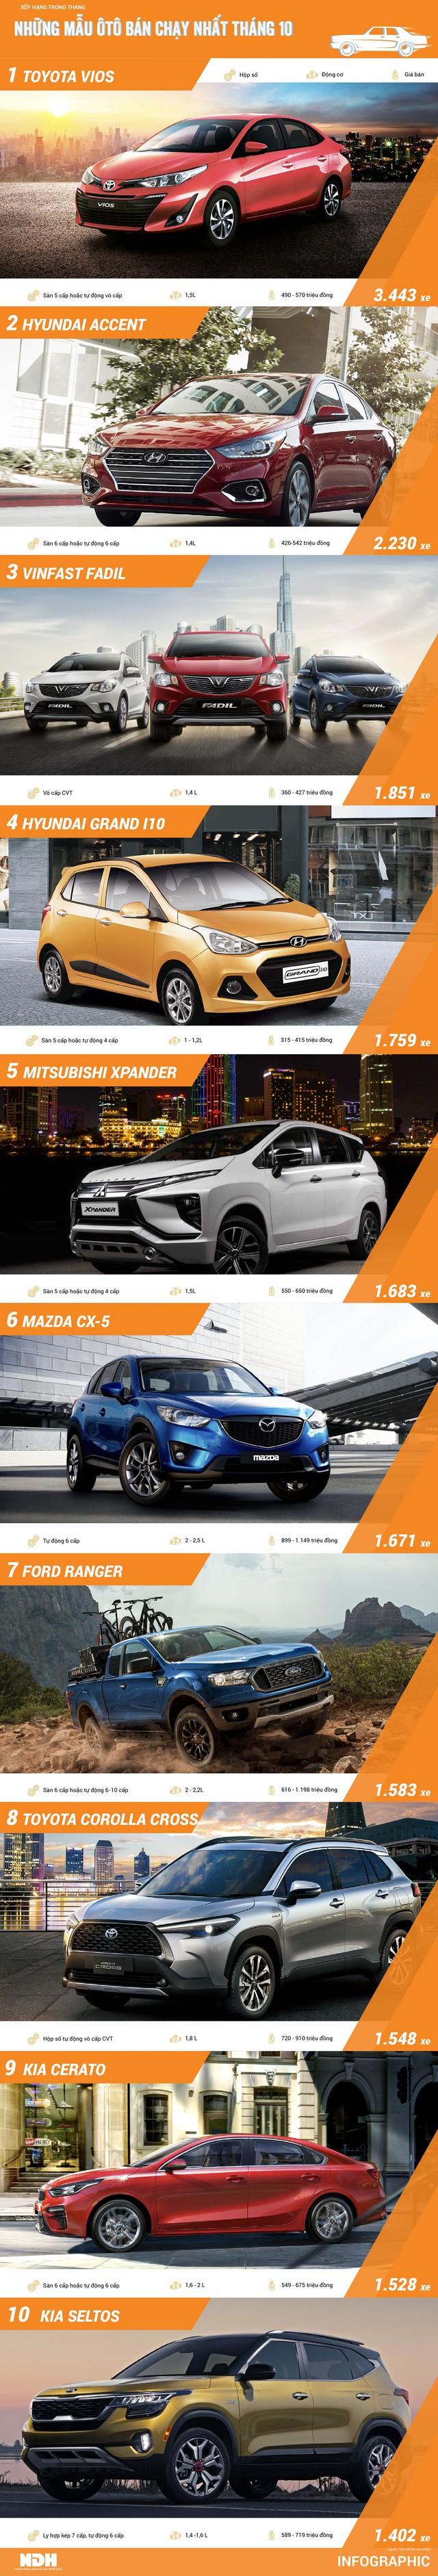 Top ôtô bán chạy tháng 10: Toyota Corolla Cross và Kia Seltos lần đầu góp mặt - Ảnh 1.